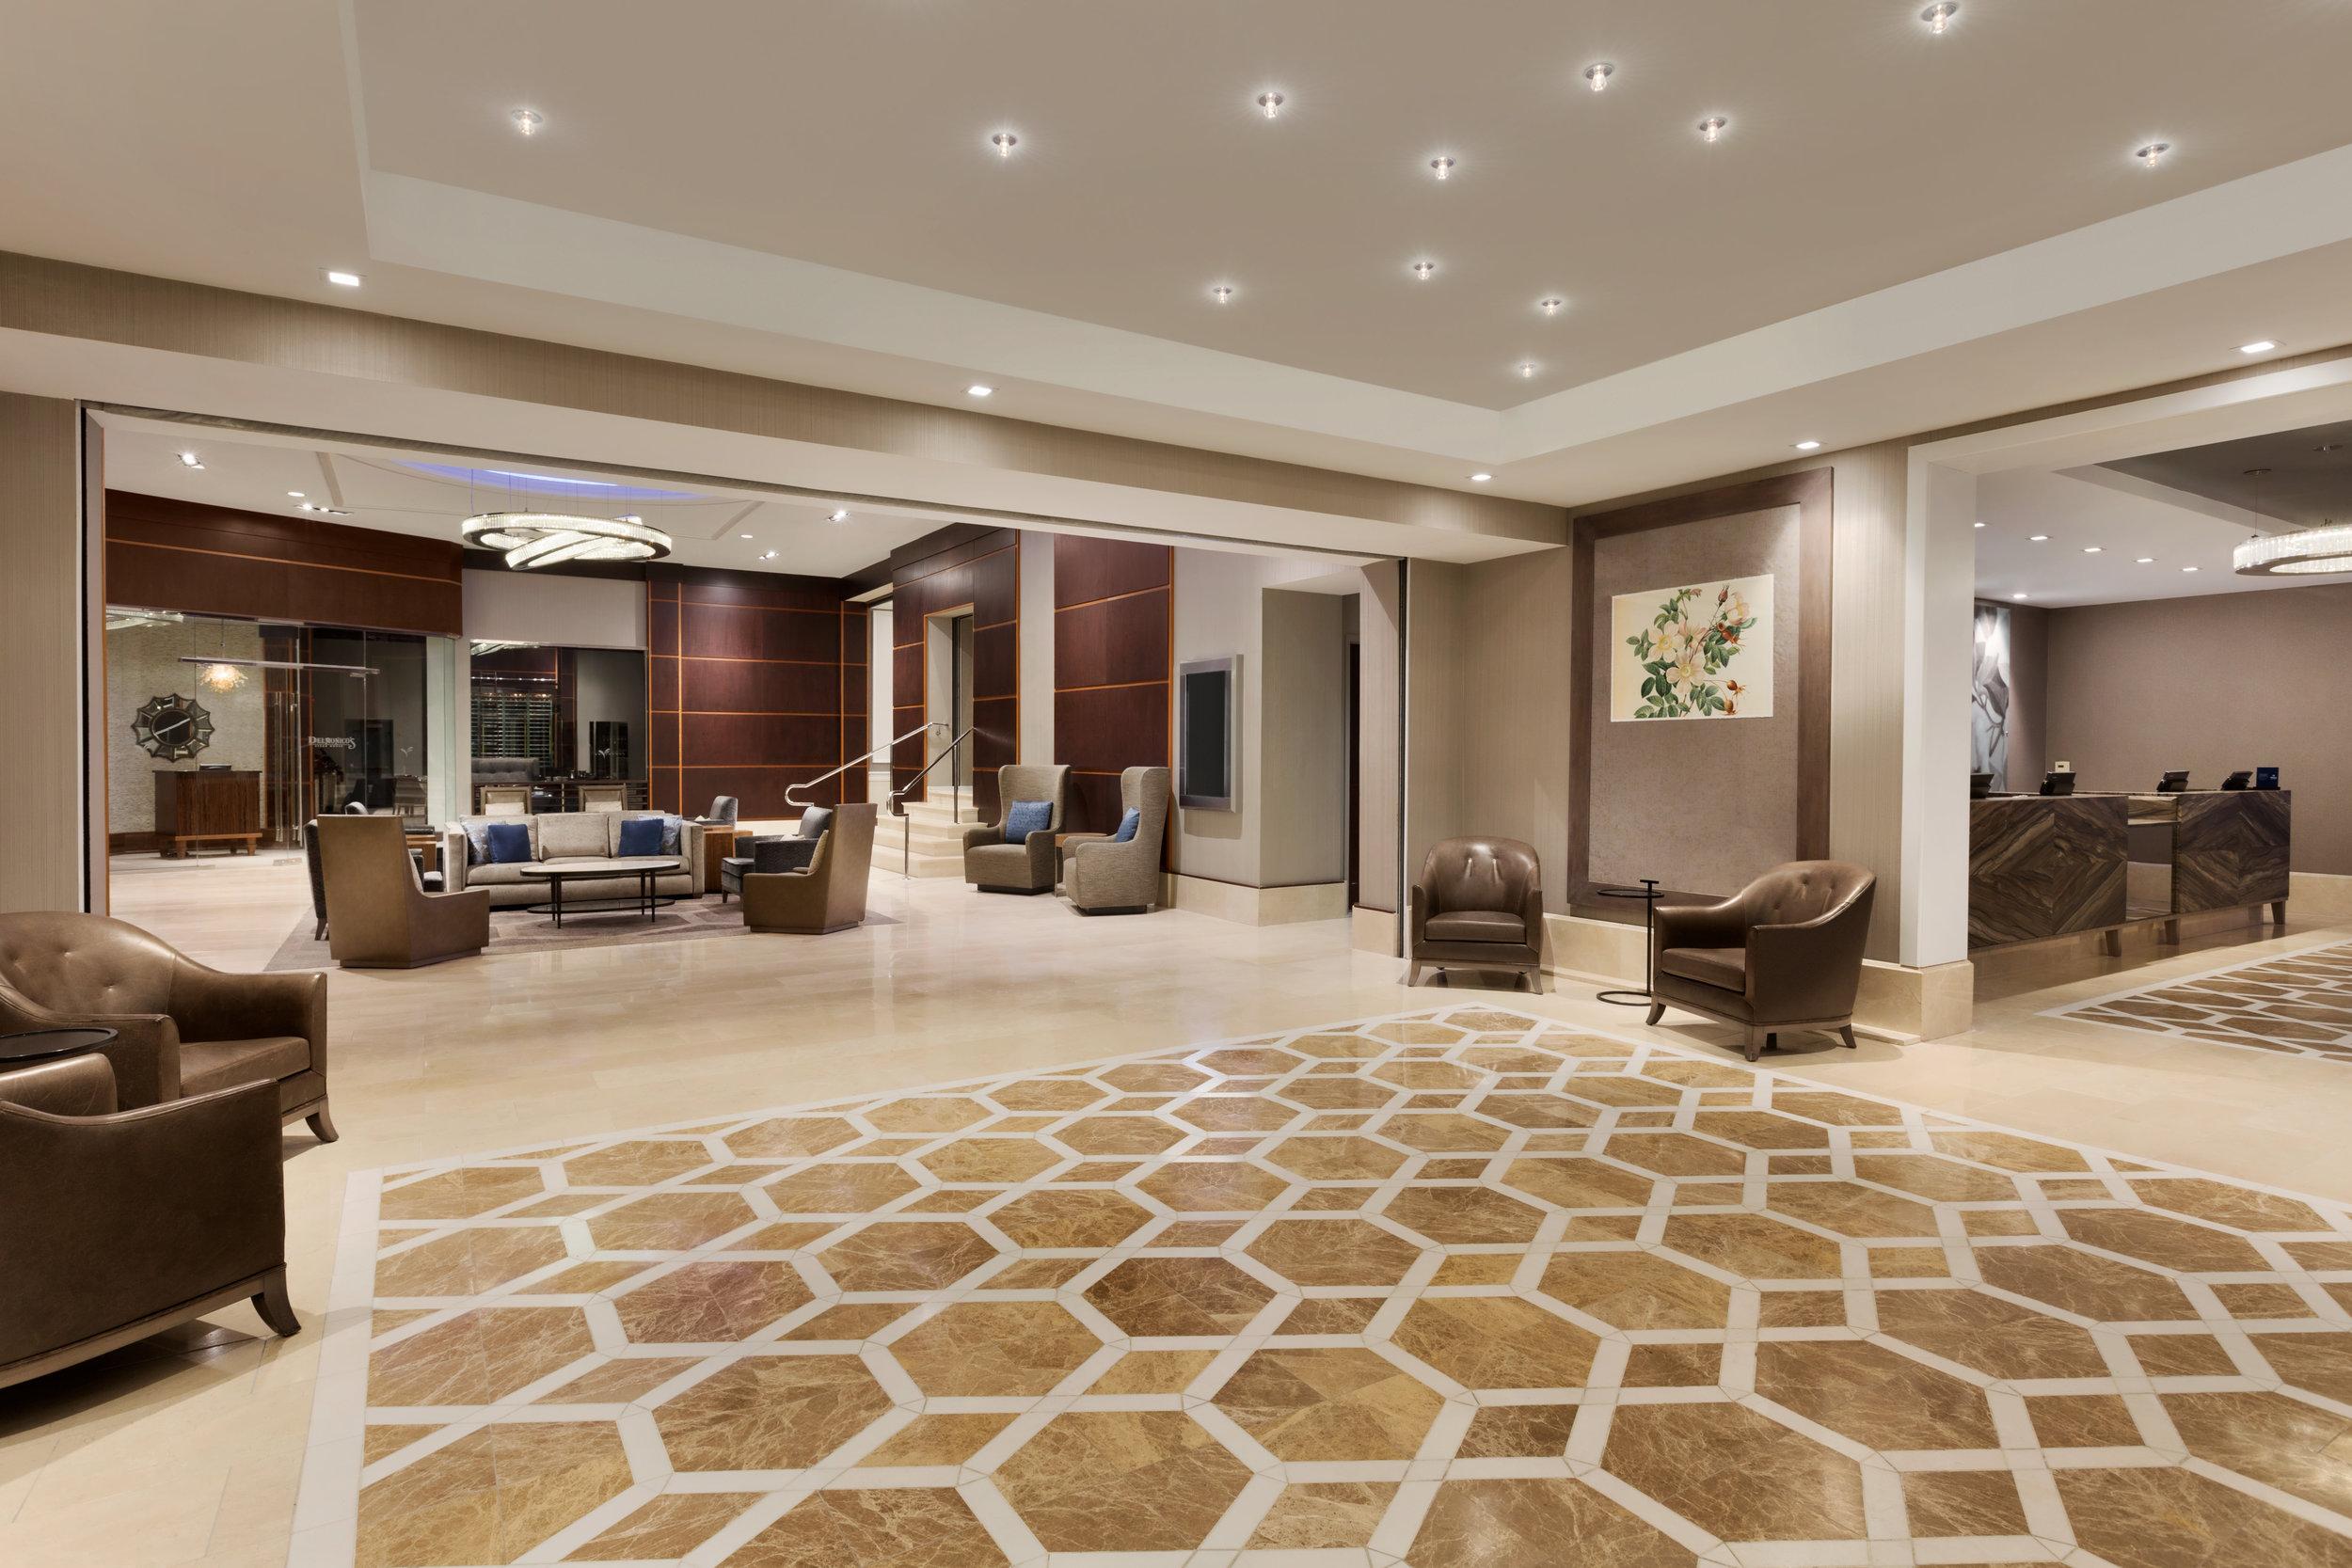 Hilton Philadelphia City Avenue - Lobby - 1168165 copy.jpg